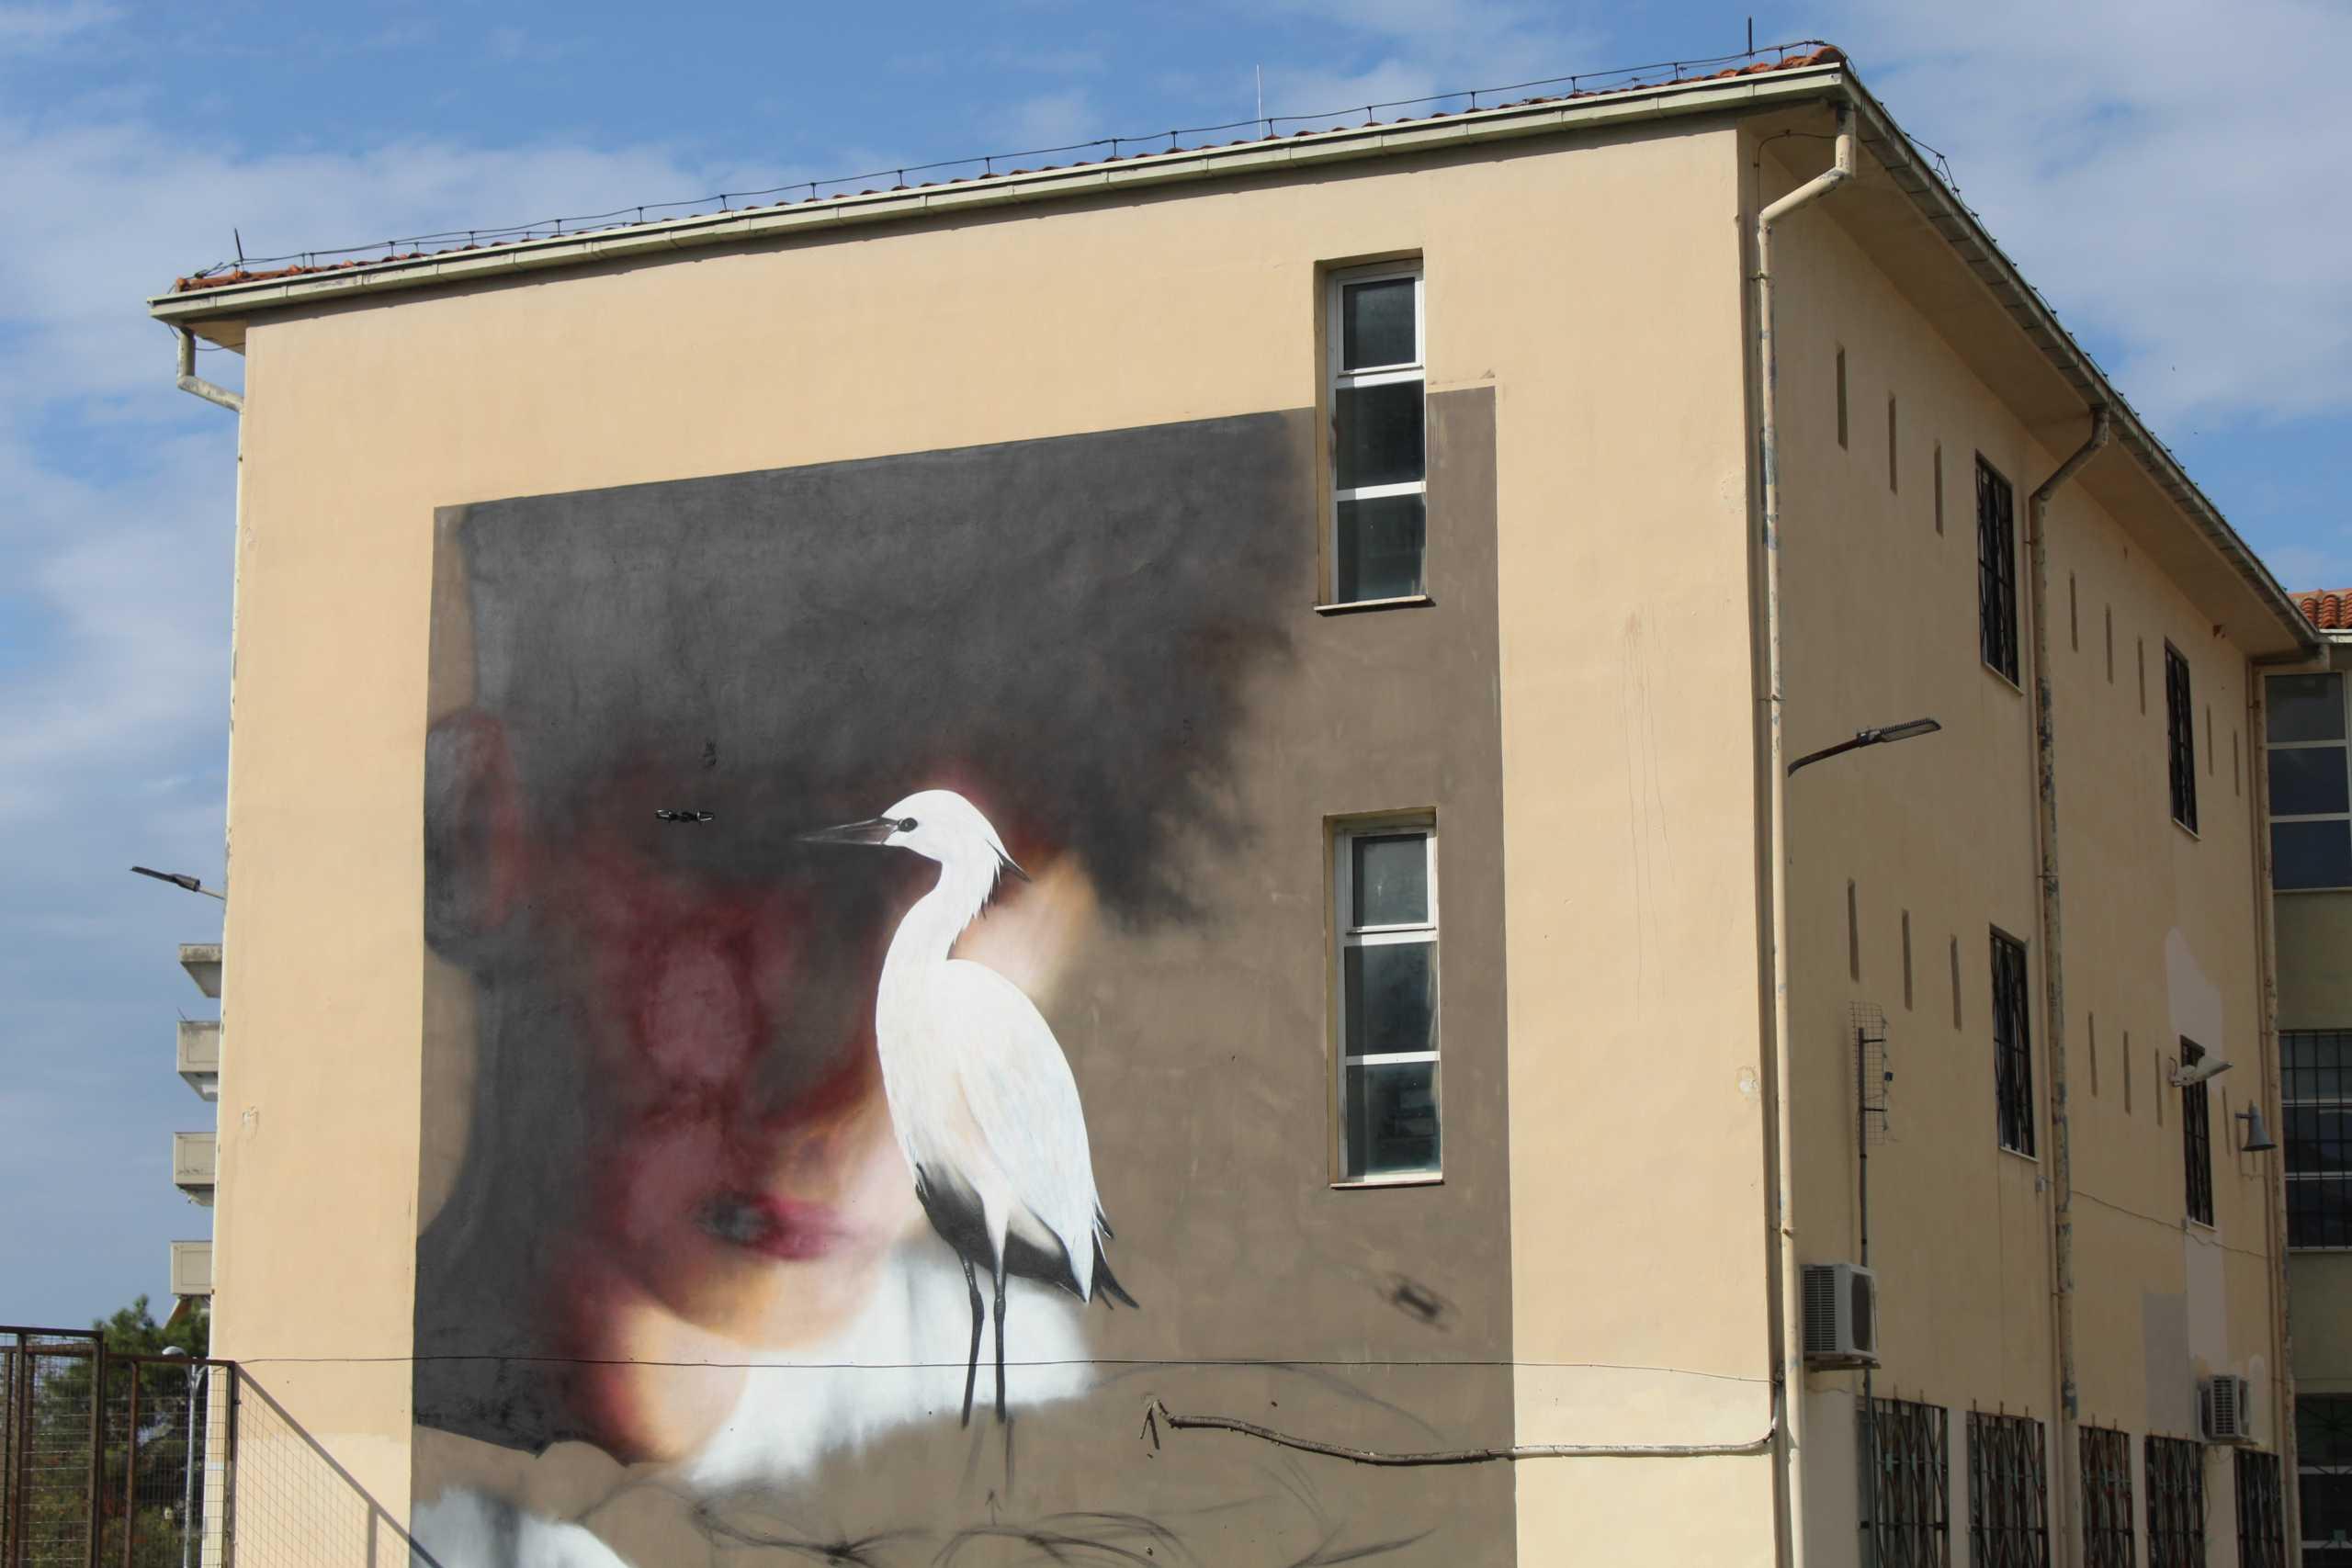 Θεσσαλονίκη: Το γκράφιτι – έργο τέχνης που δίνει δύναμη στους μαθητές Λυκείου της Καλαμαριάς